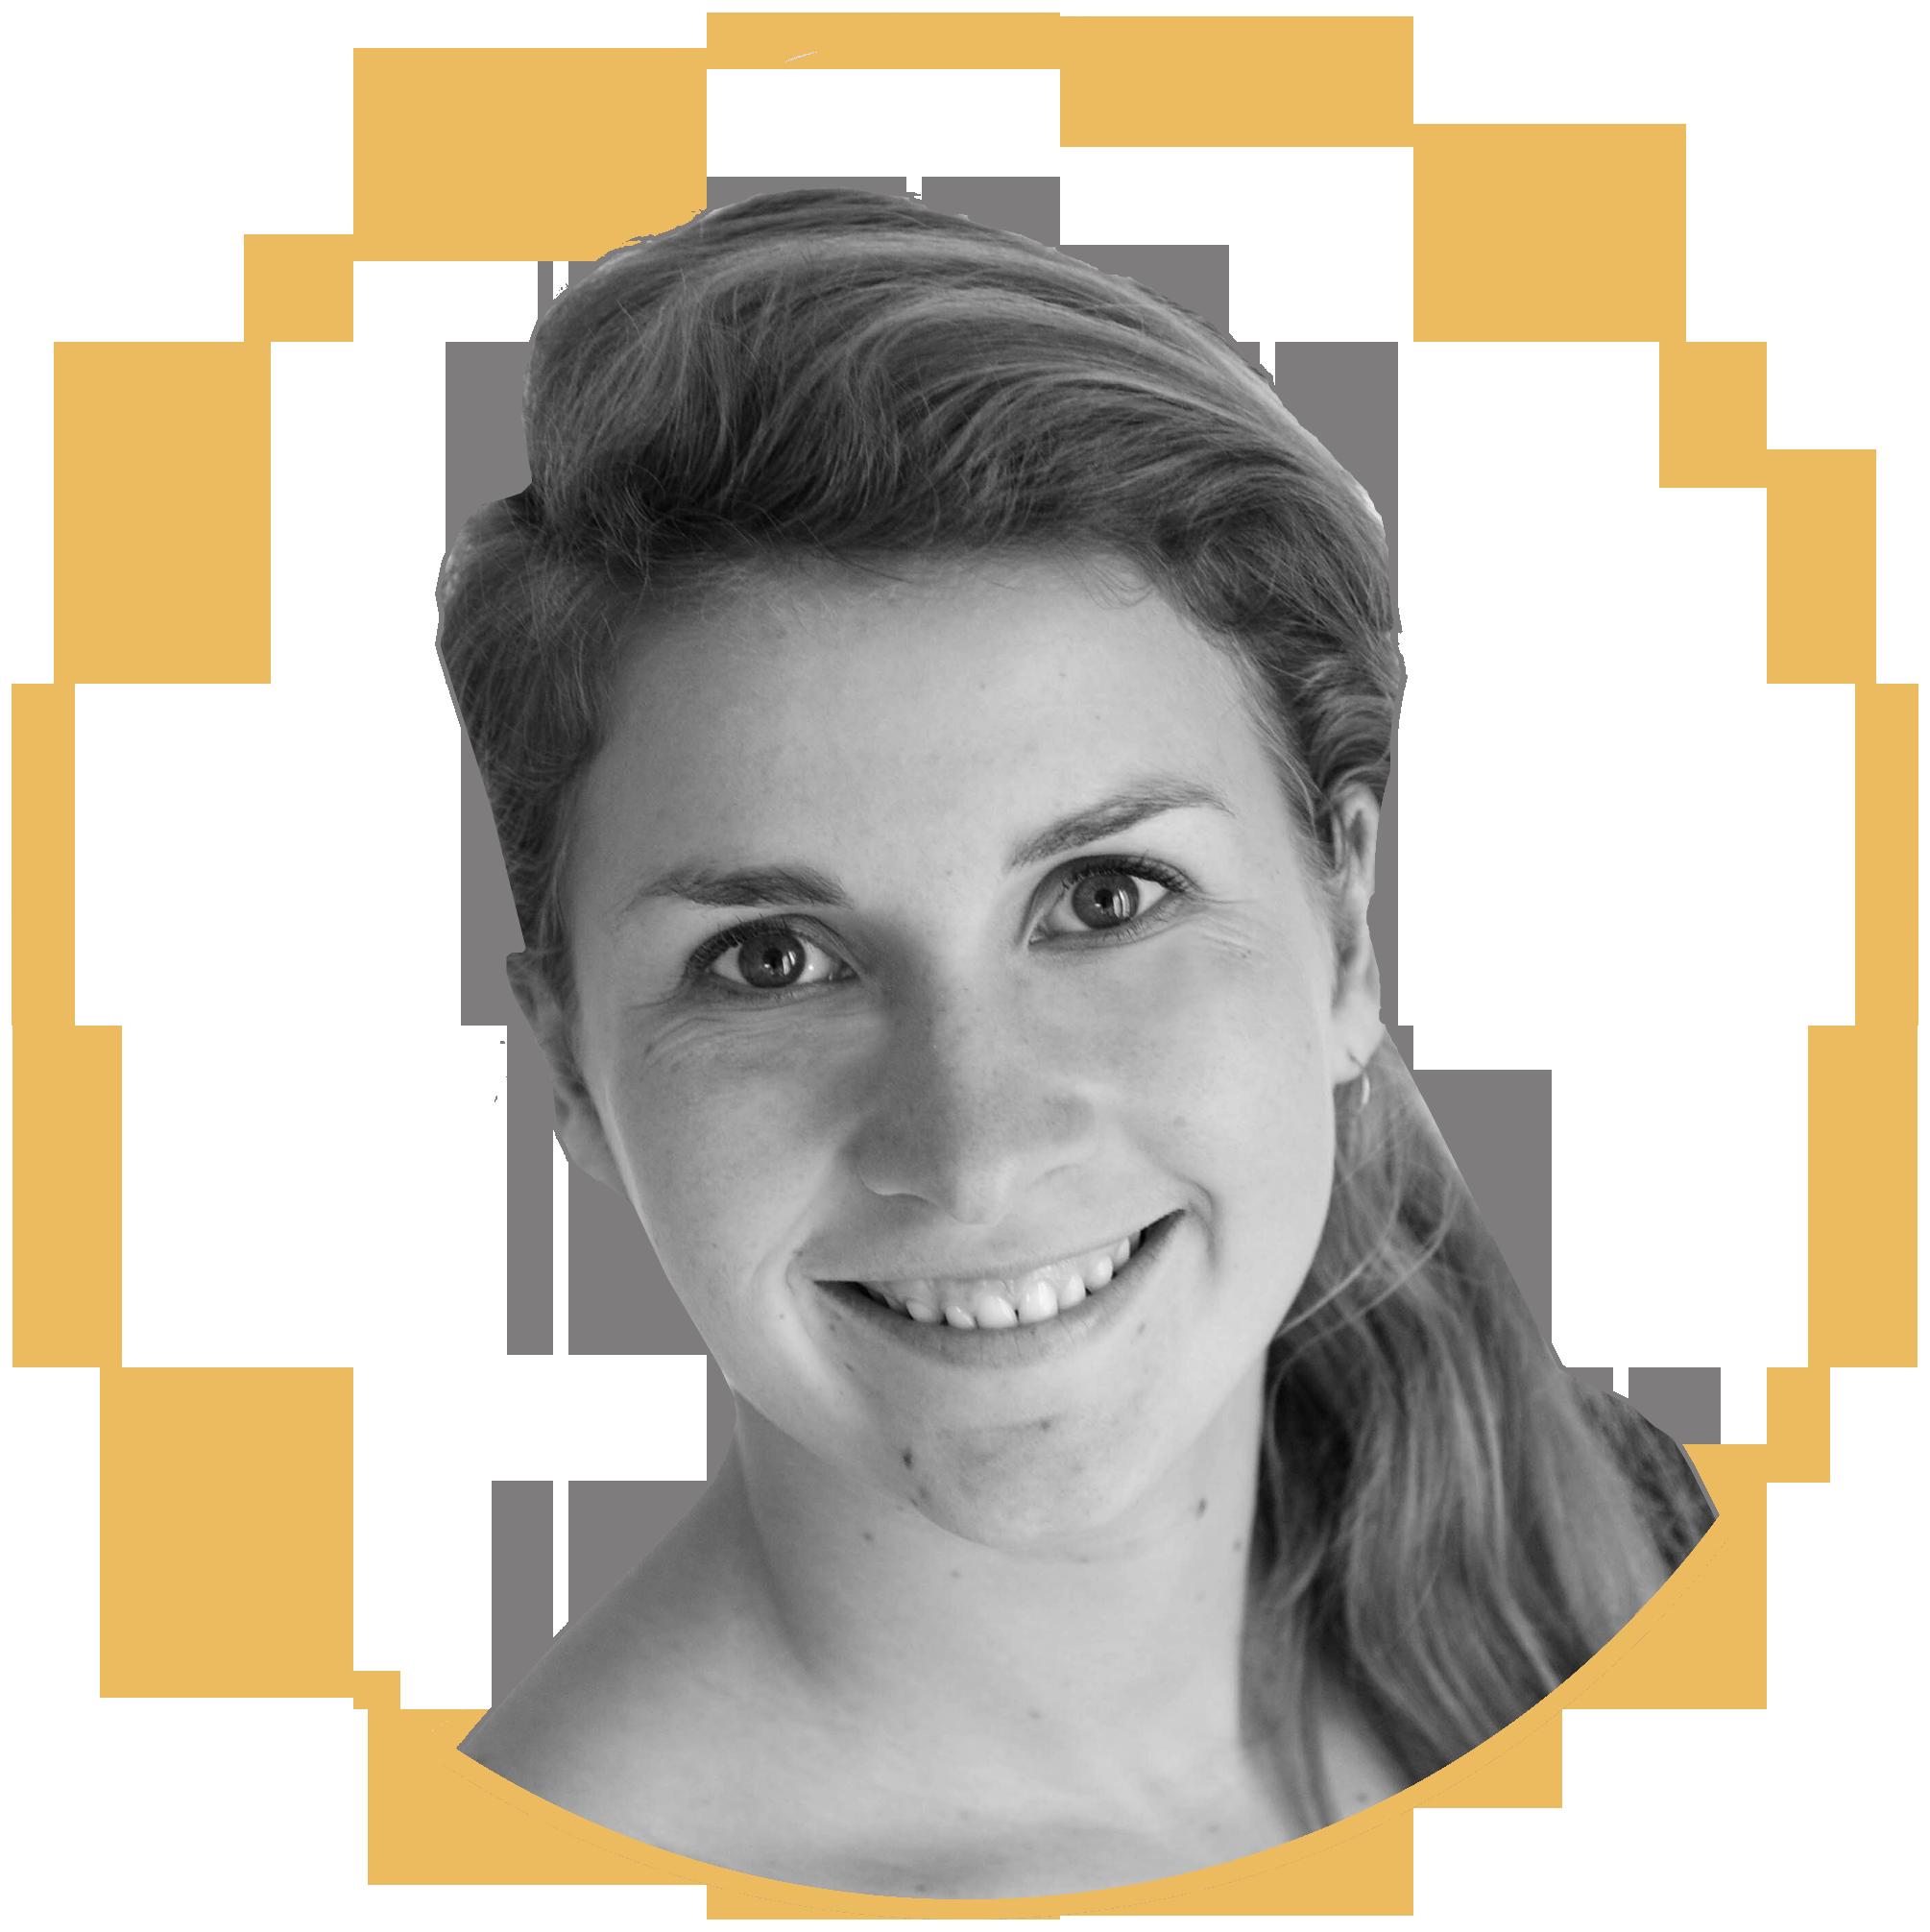 Silke Velghe kinesitherapeut in Lier Senses Praktijkhuis